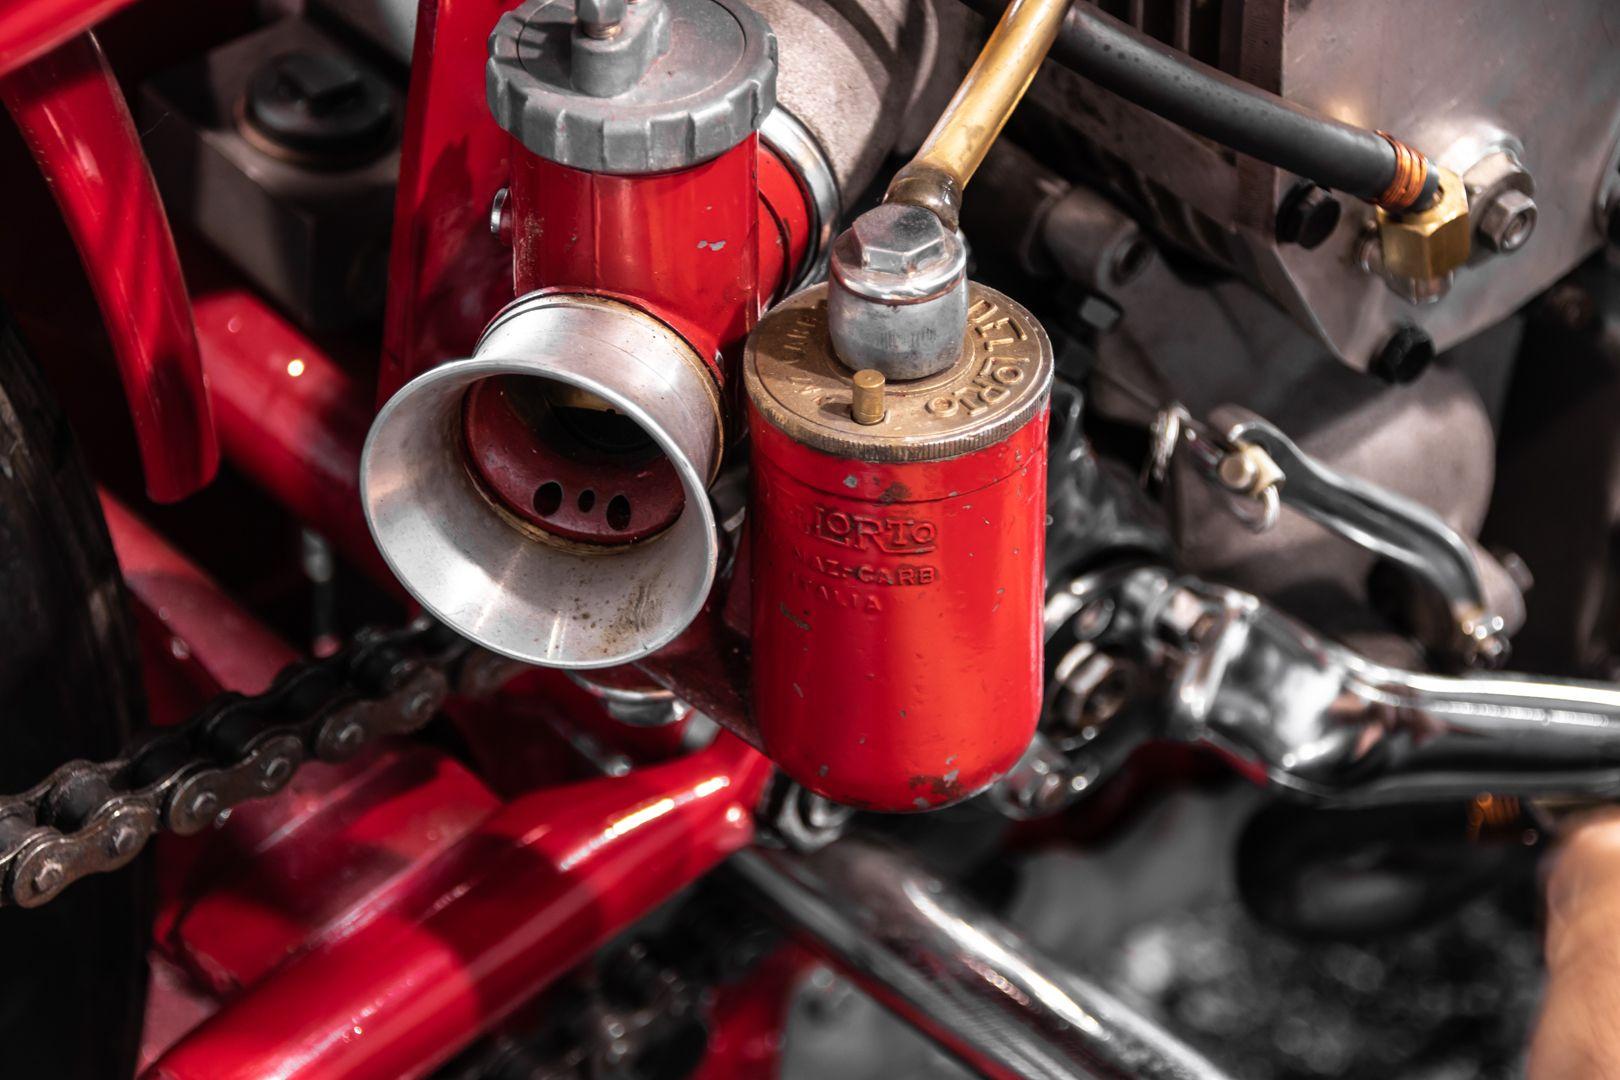 1938 Moto Guzzi 250 Compressore 77248